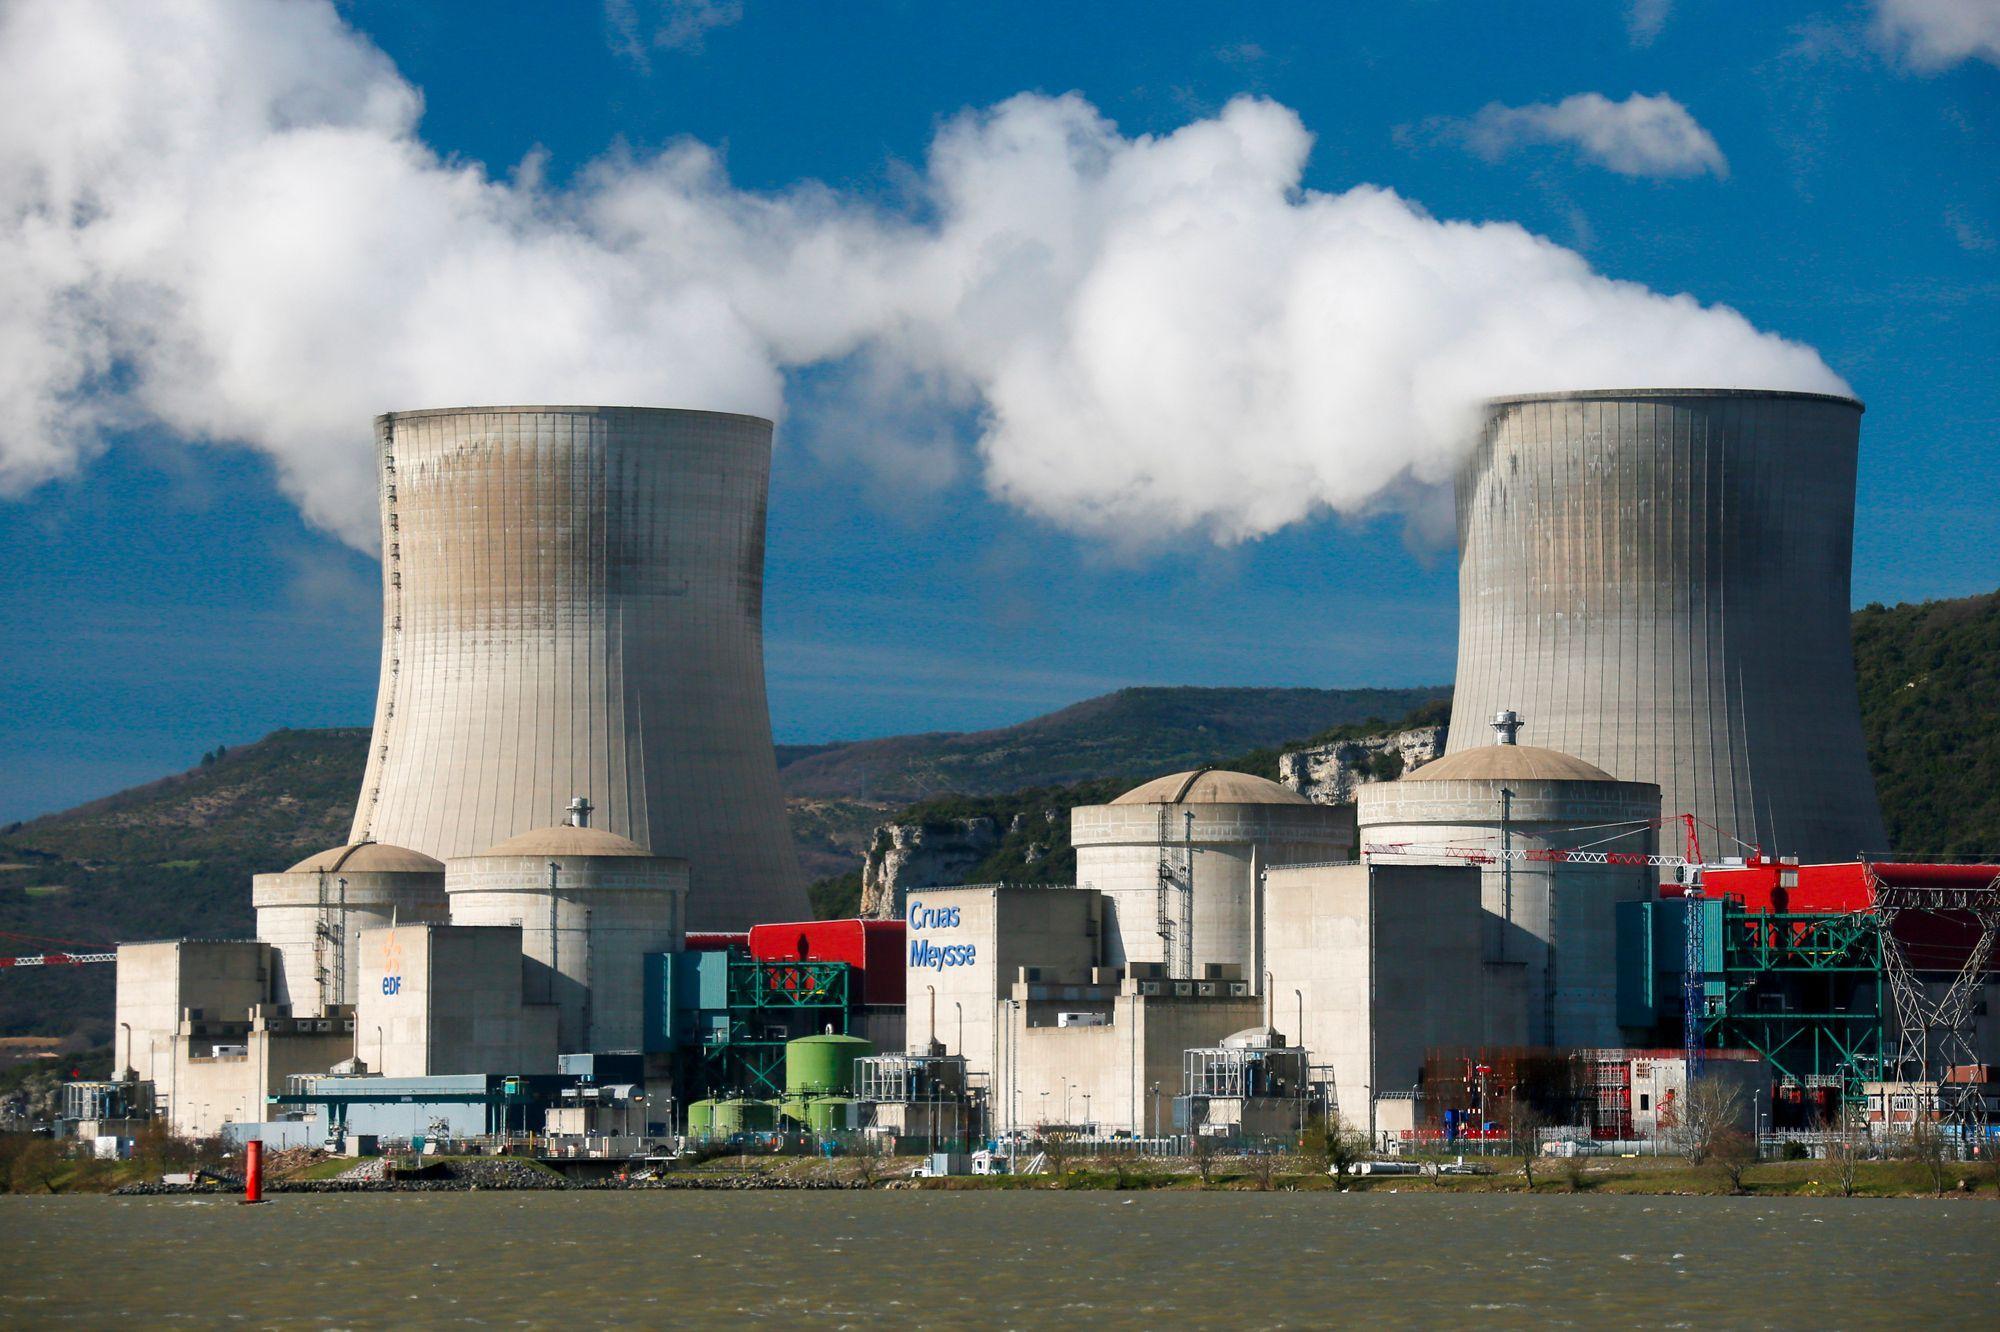 Après le séisme, les réacteurs de la centrale nucléaire de Cruas à l'arrêt